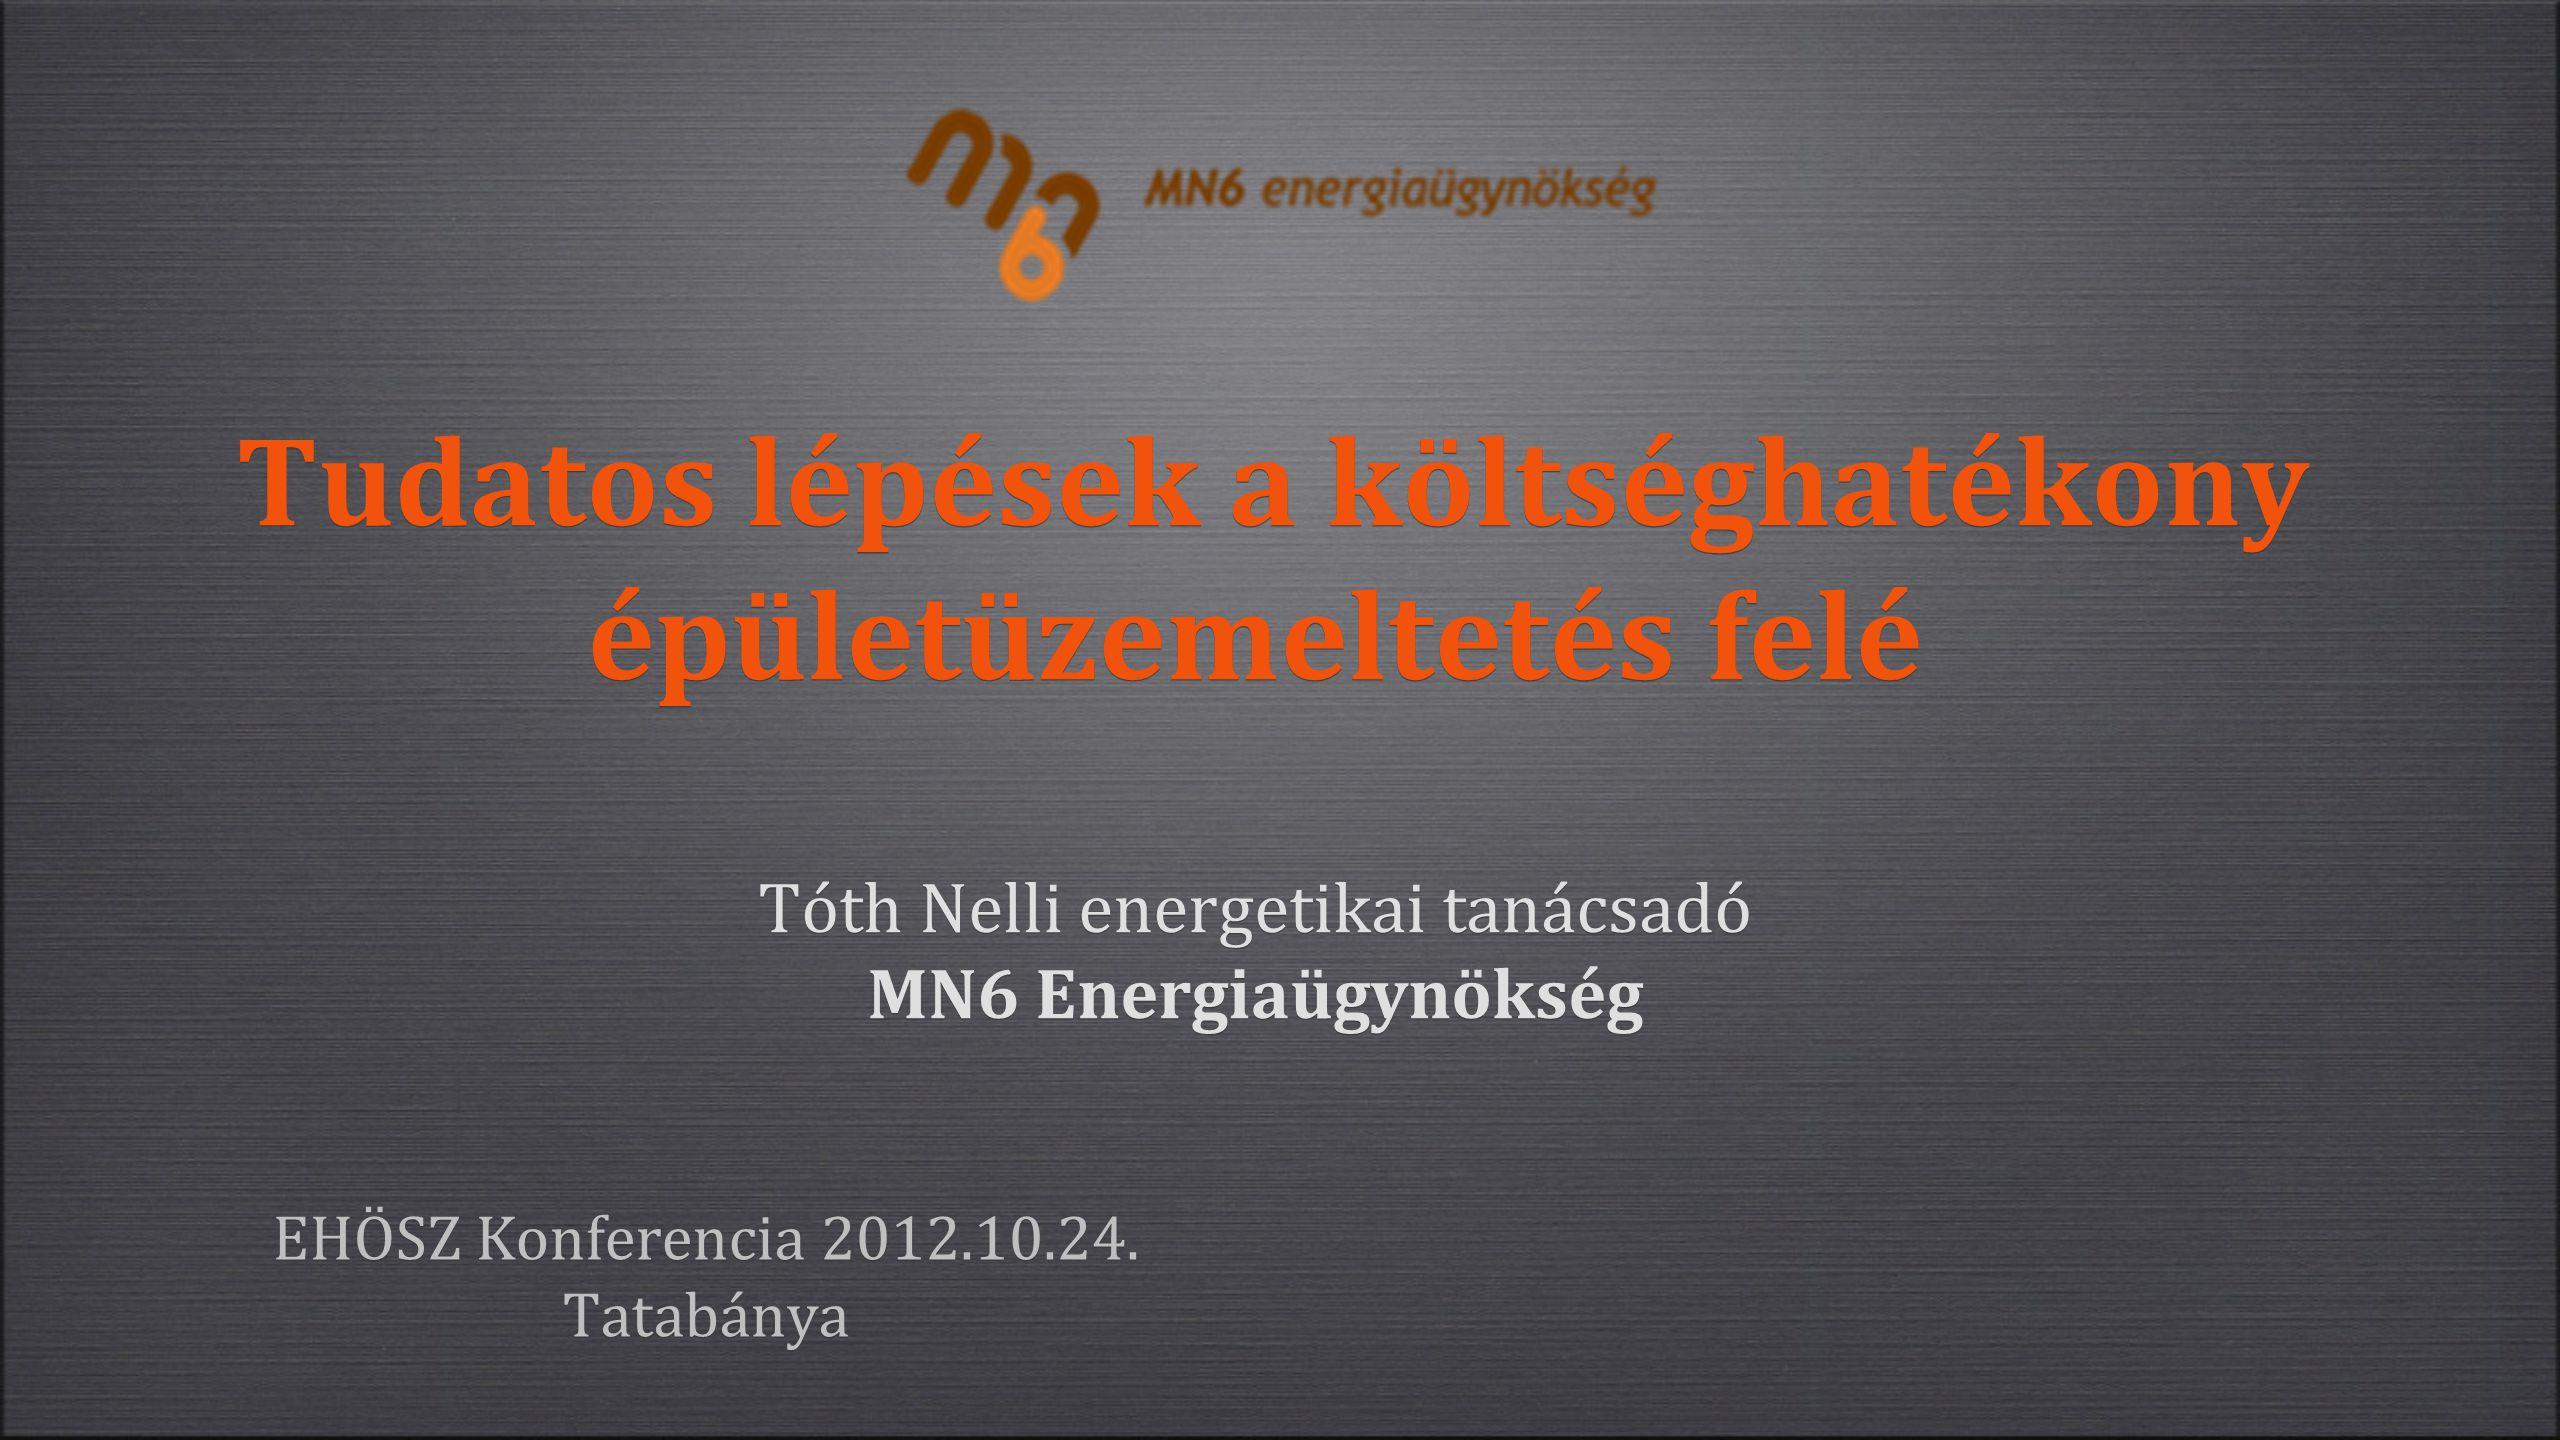 Tudatos lépések a költséghatékony épületüzemeltetés felé Tóth Nelli energetikai tanácsadó MN6 Energiaügynökség EHÖSZ Konferencia 2012.10.24.